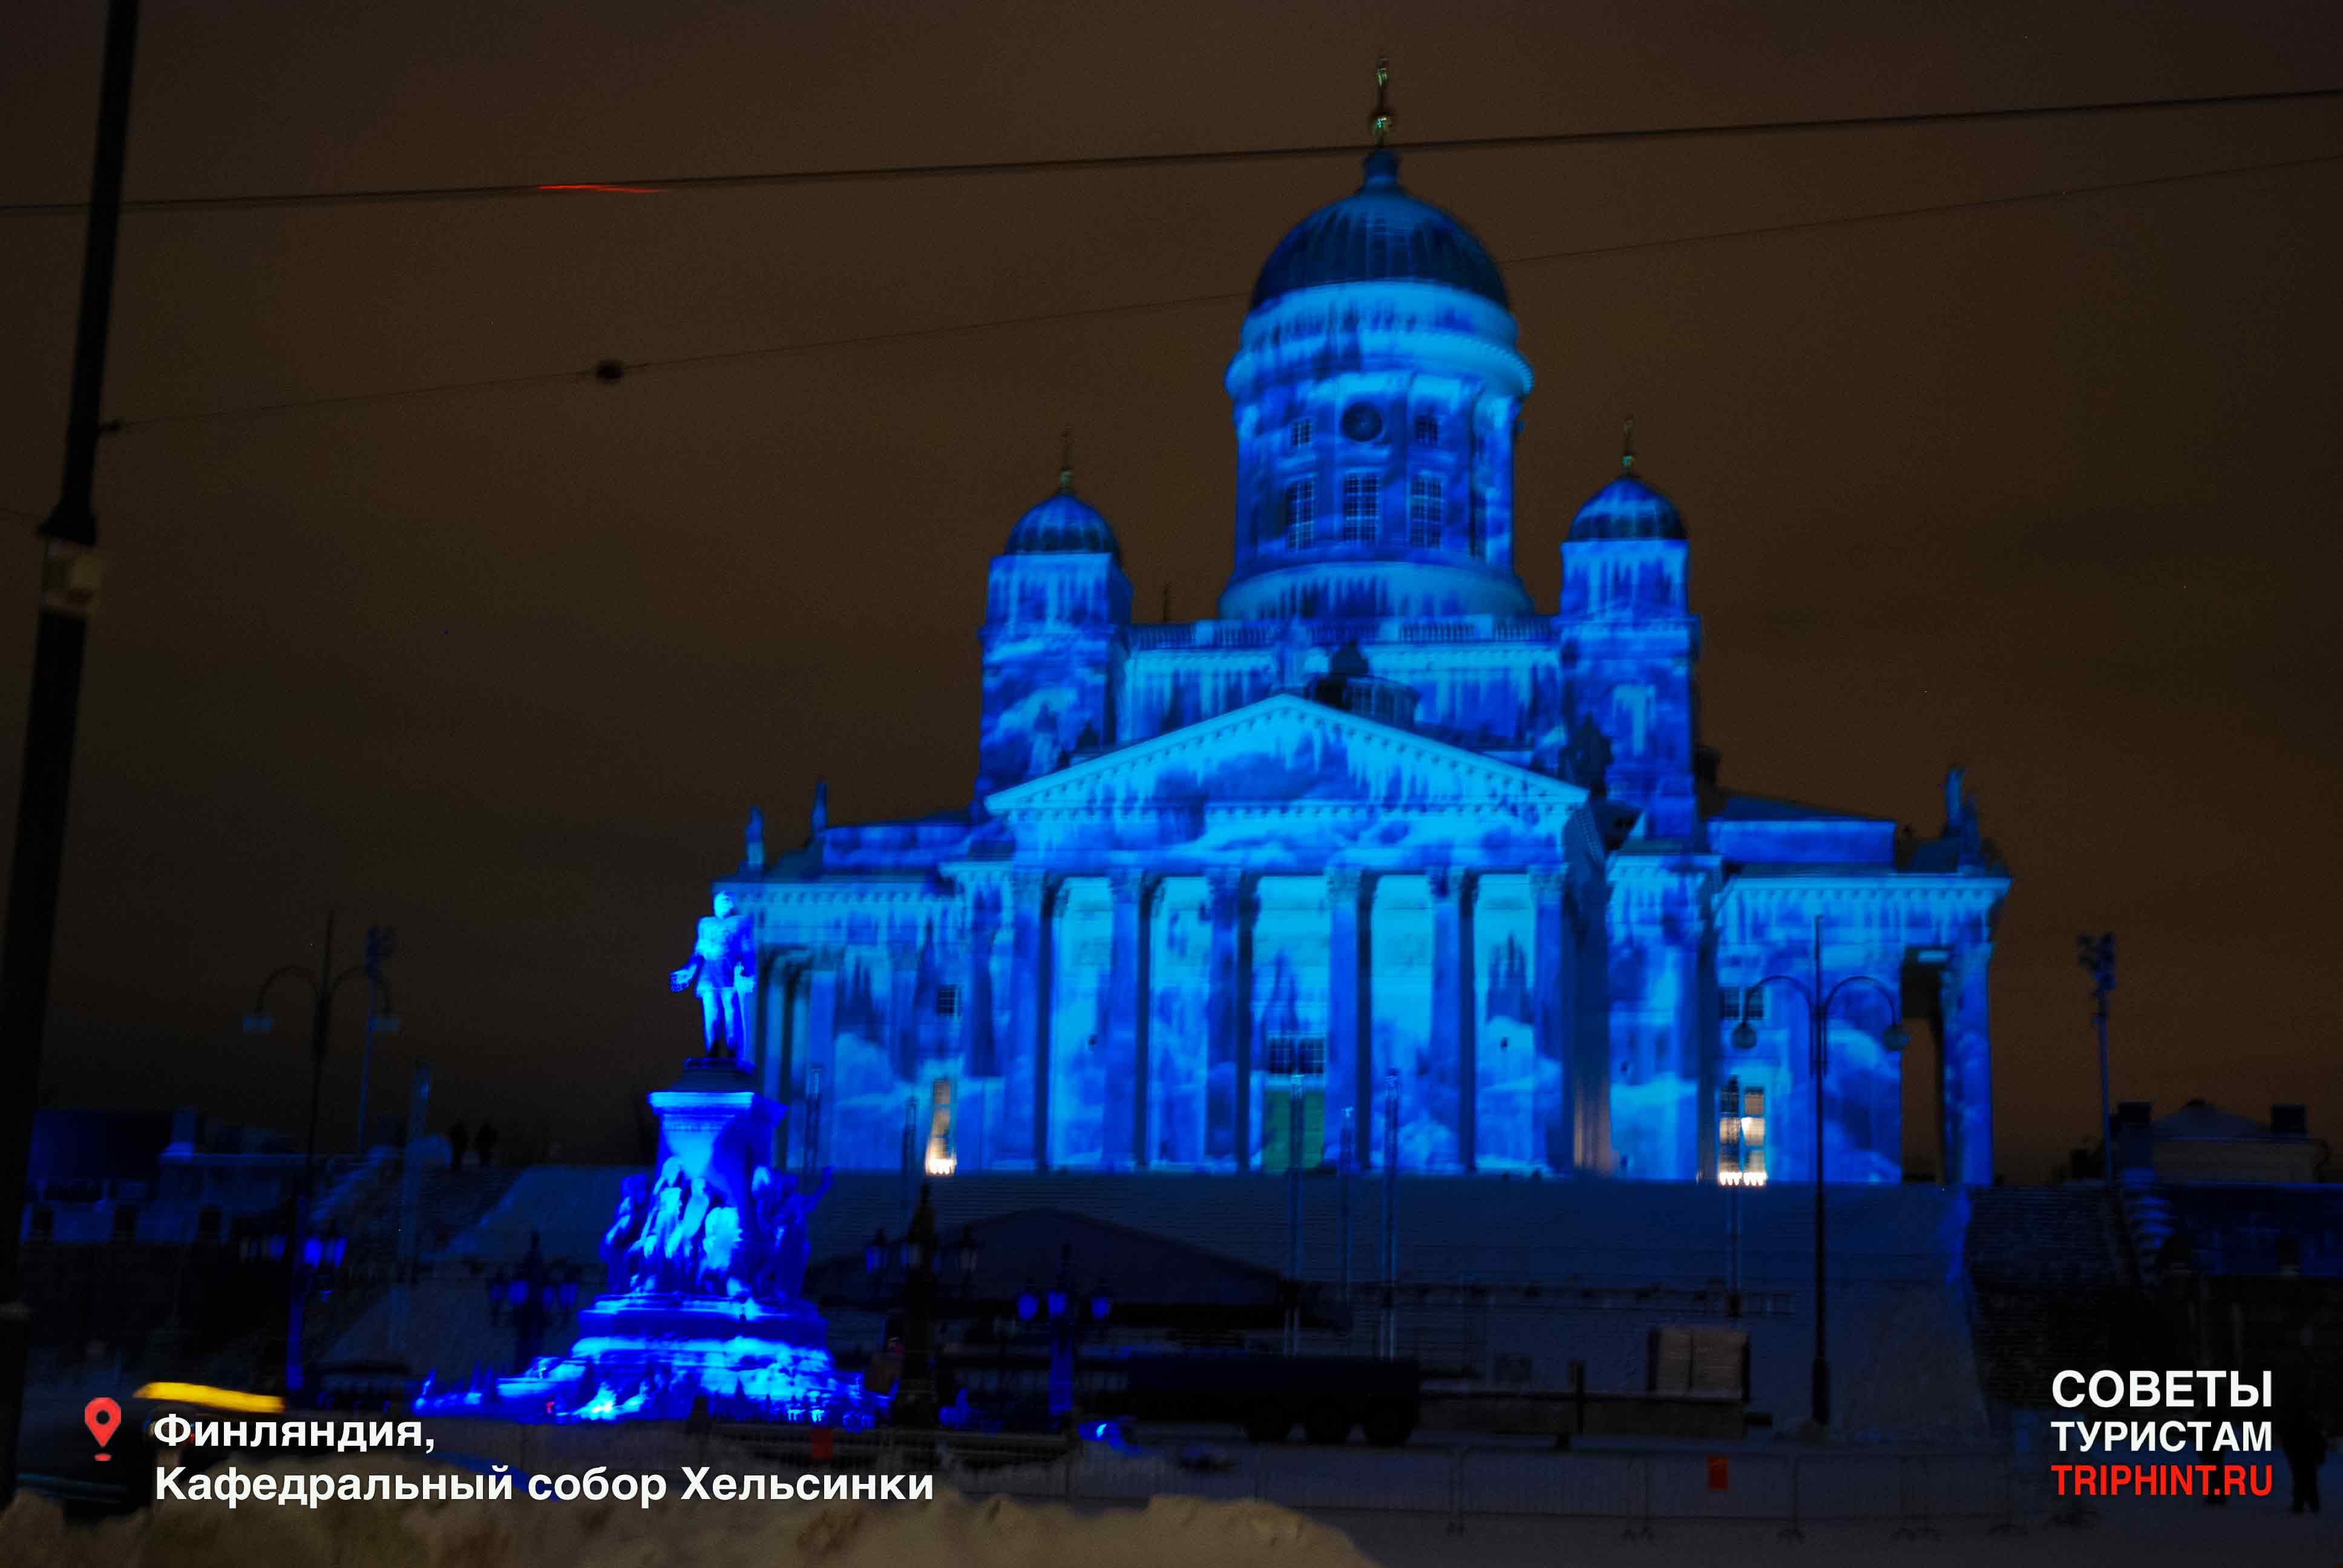 Отдых в Финляндии на новый год в Хельсинки - Кафедральный собор Хельсинки зимой